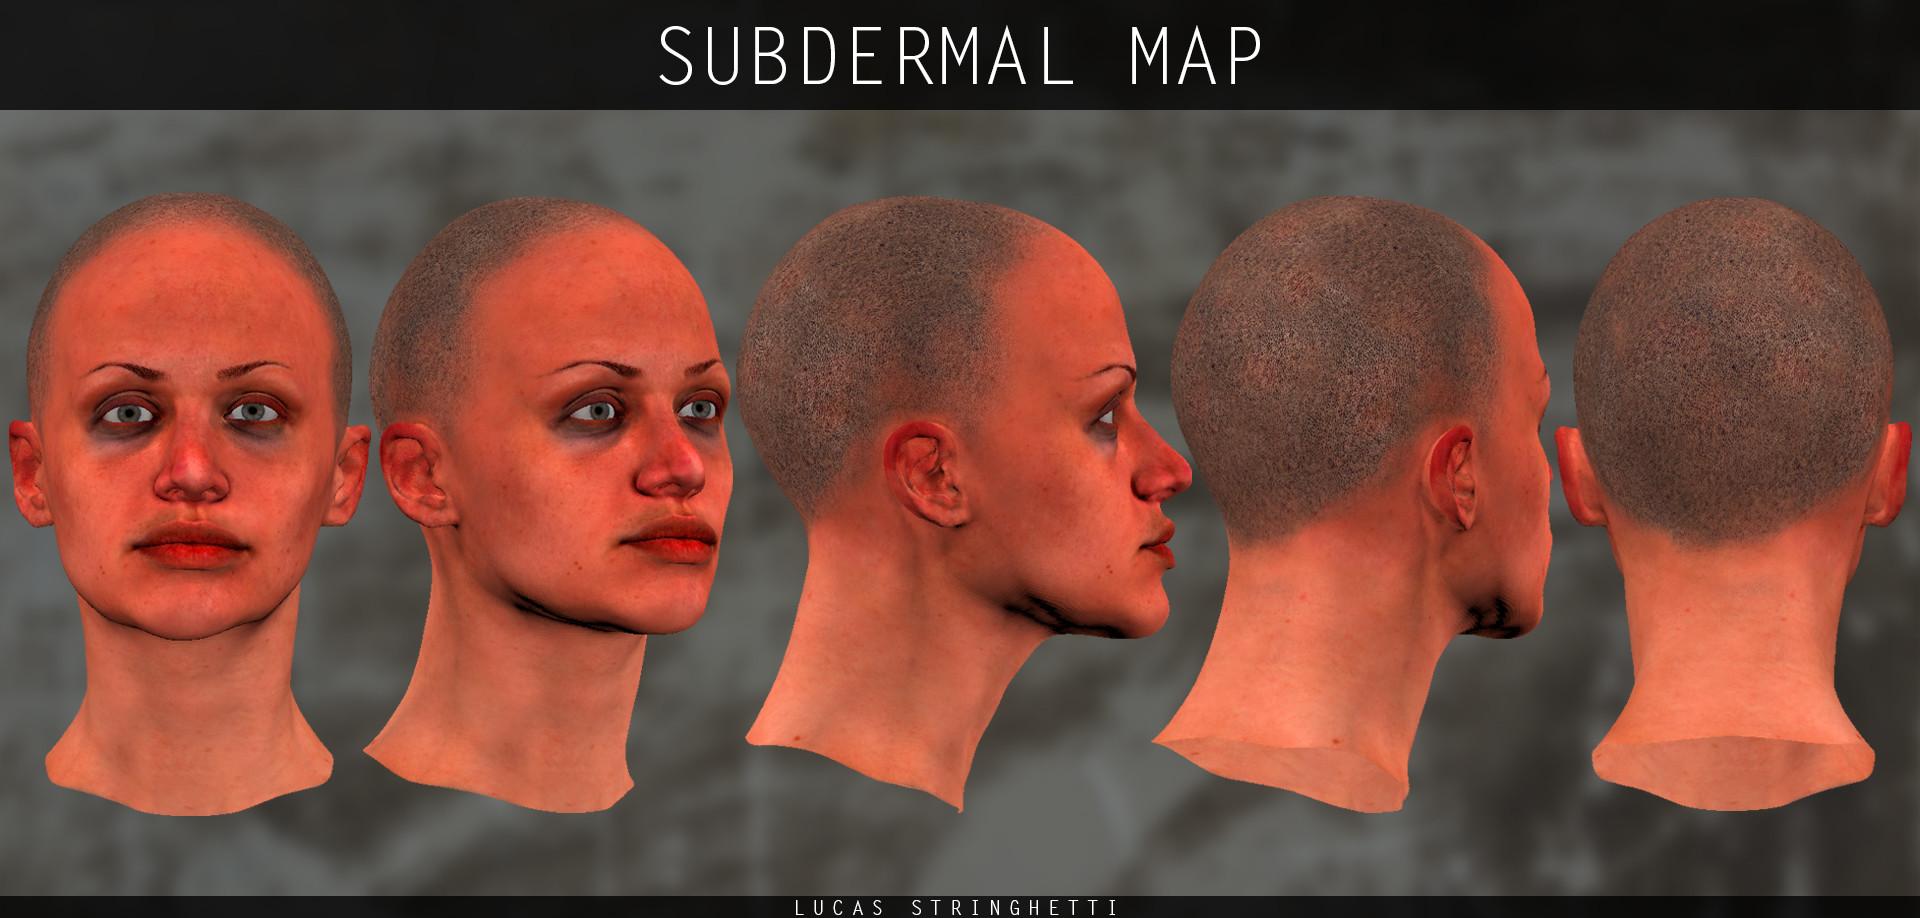 Lucas stringhetti 04 subdermalmap